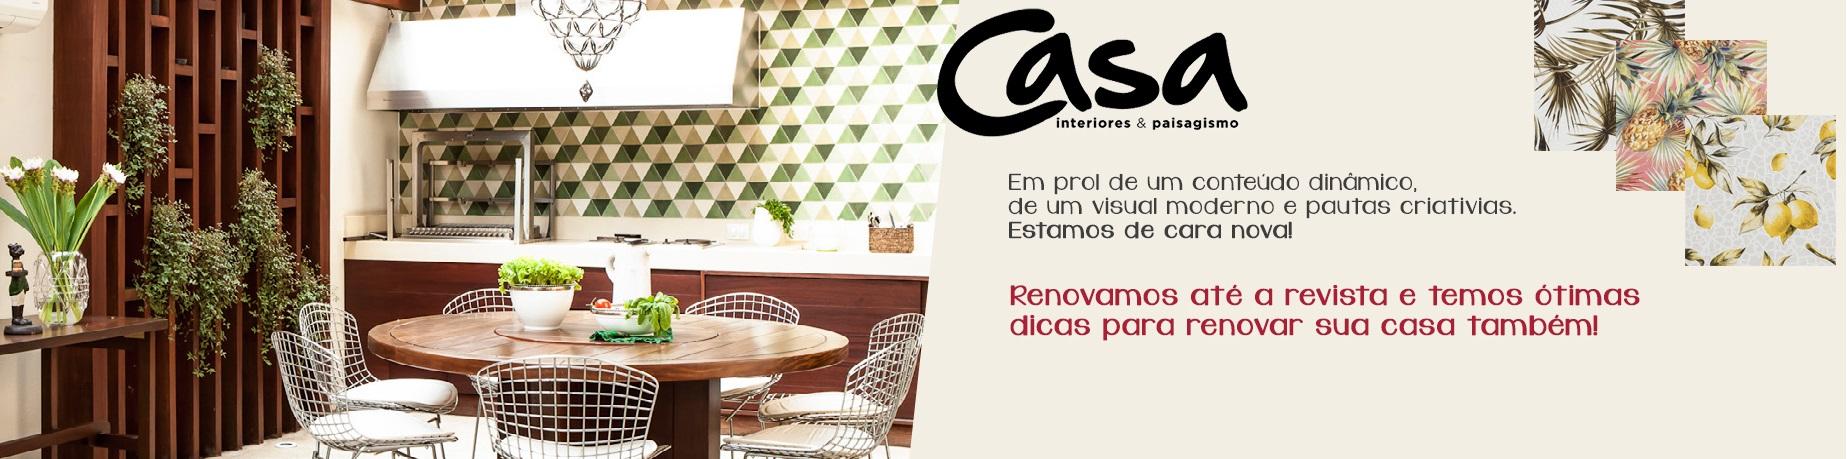 Casa Interiores & Paisagismo